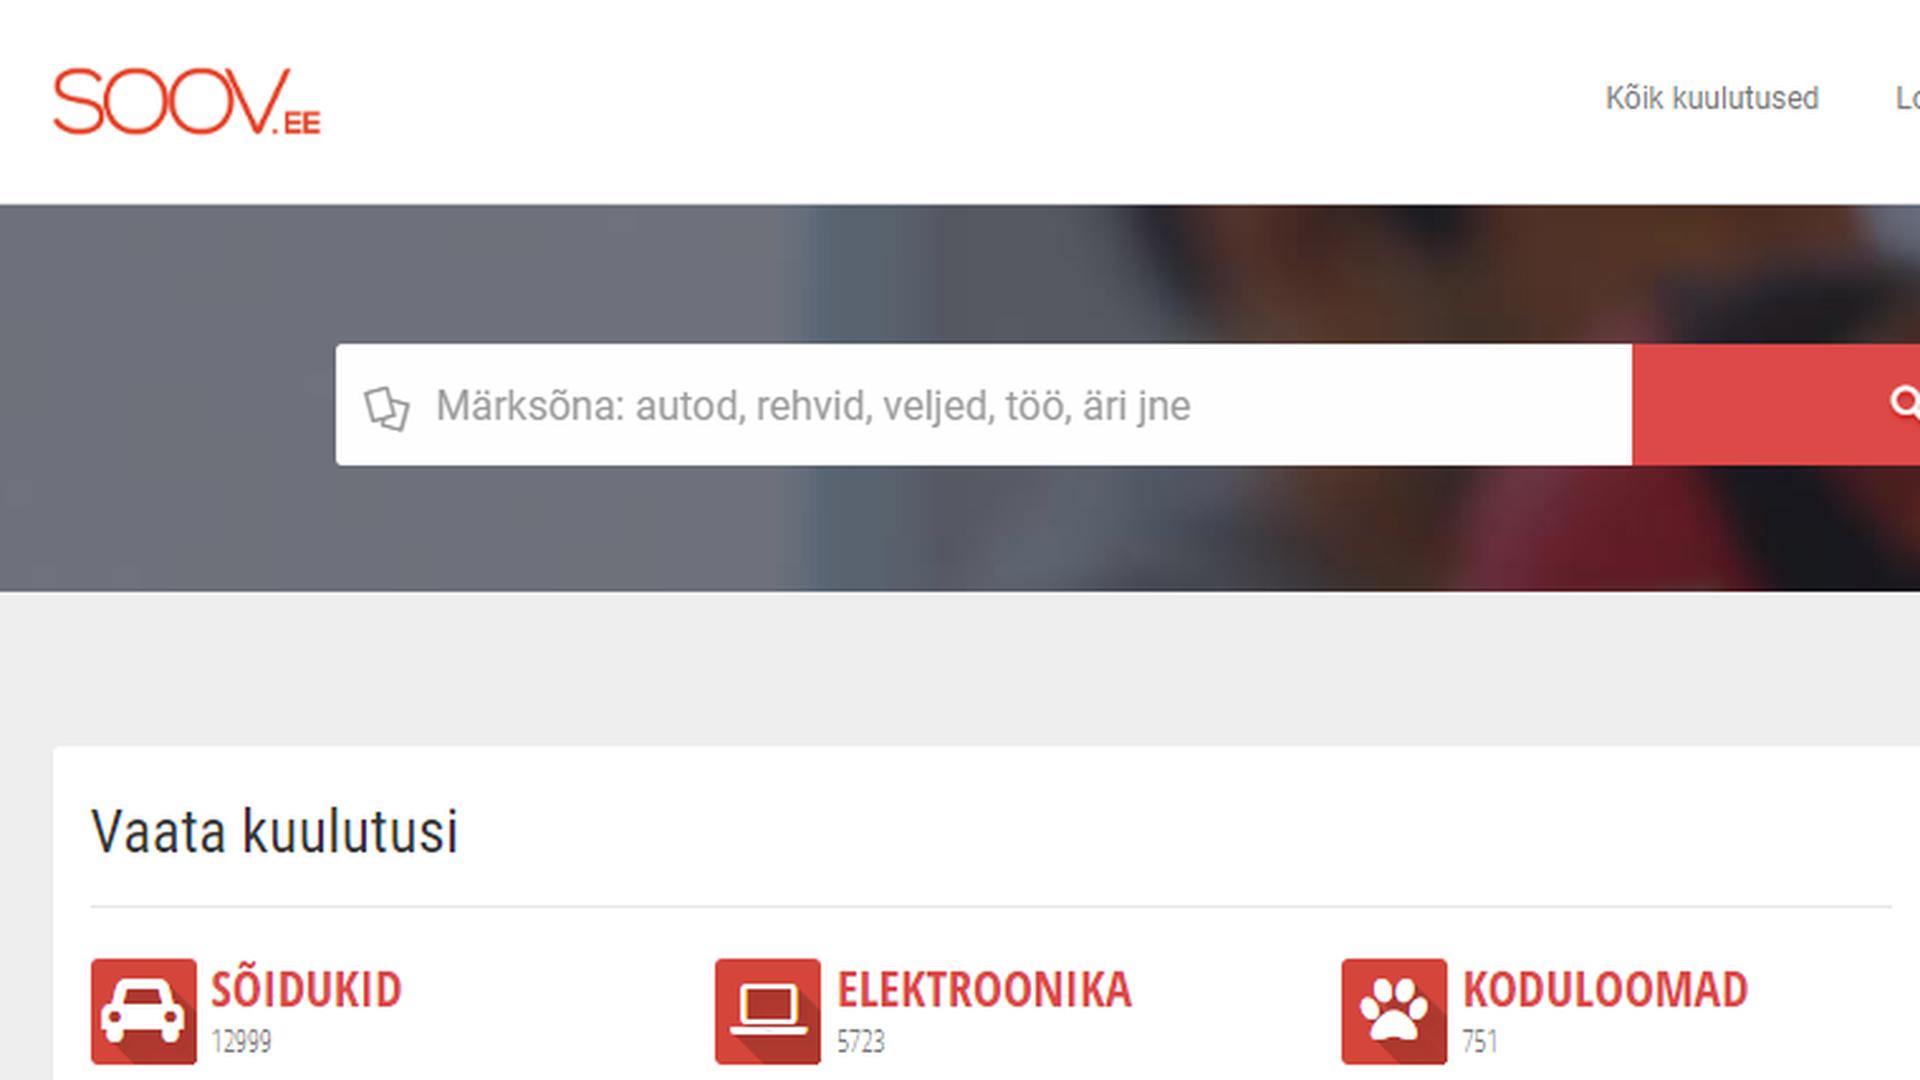 UP Invest sai loa Soov.ee tagasi osta: